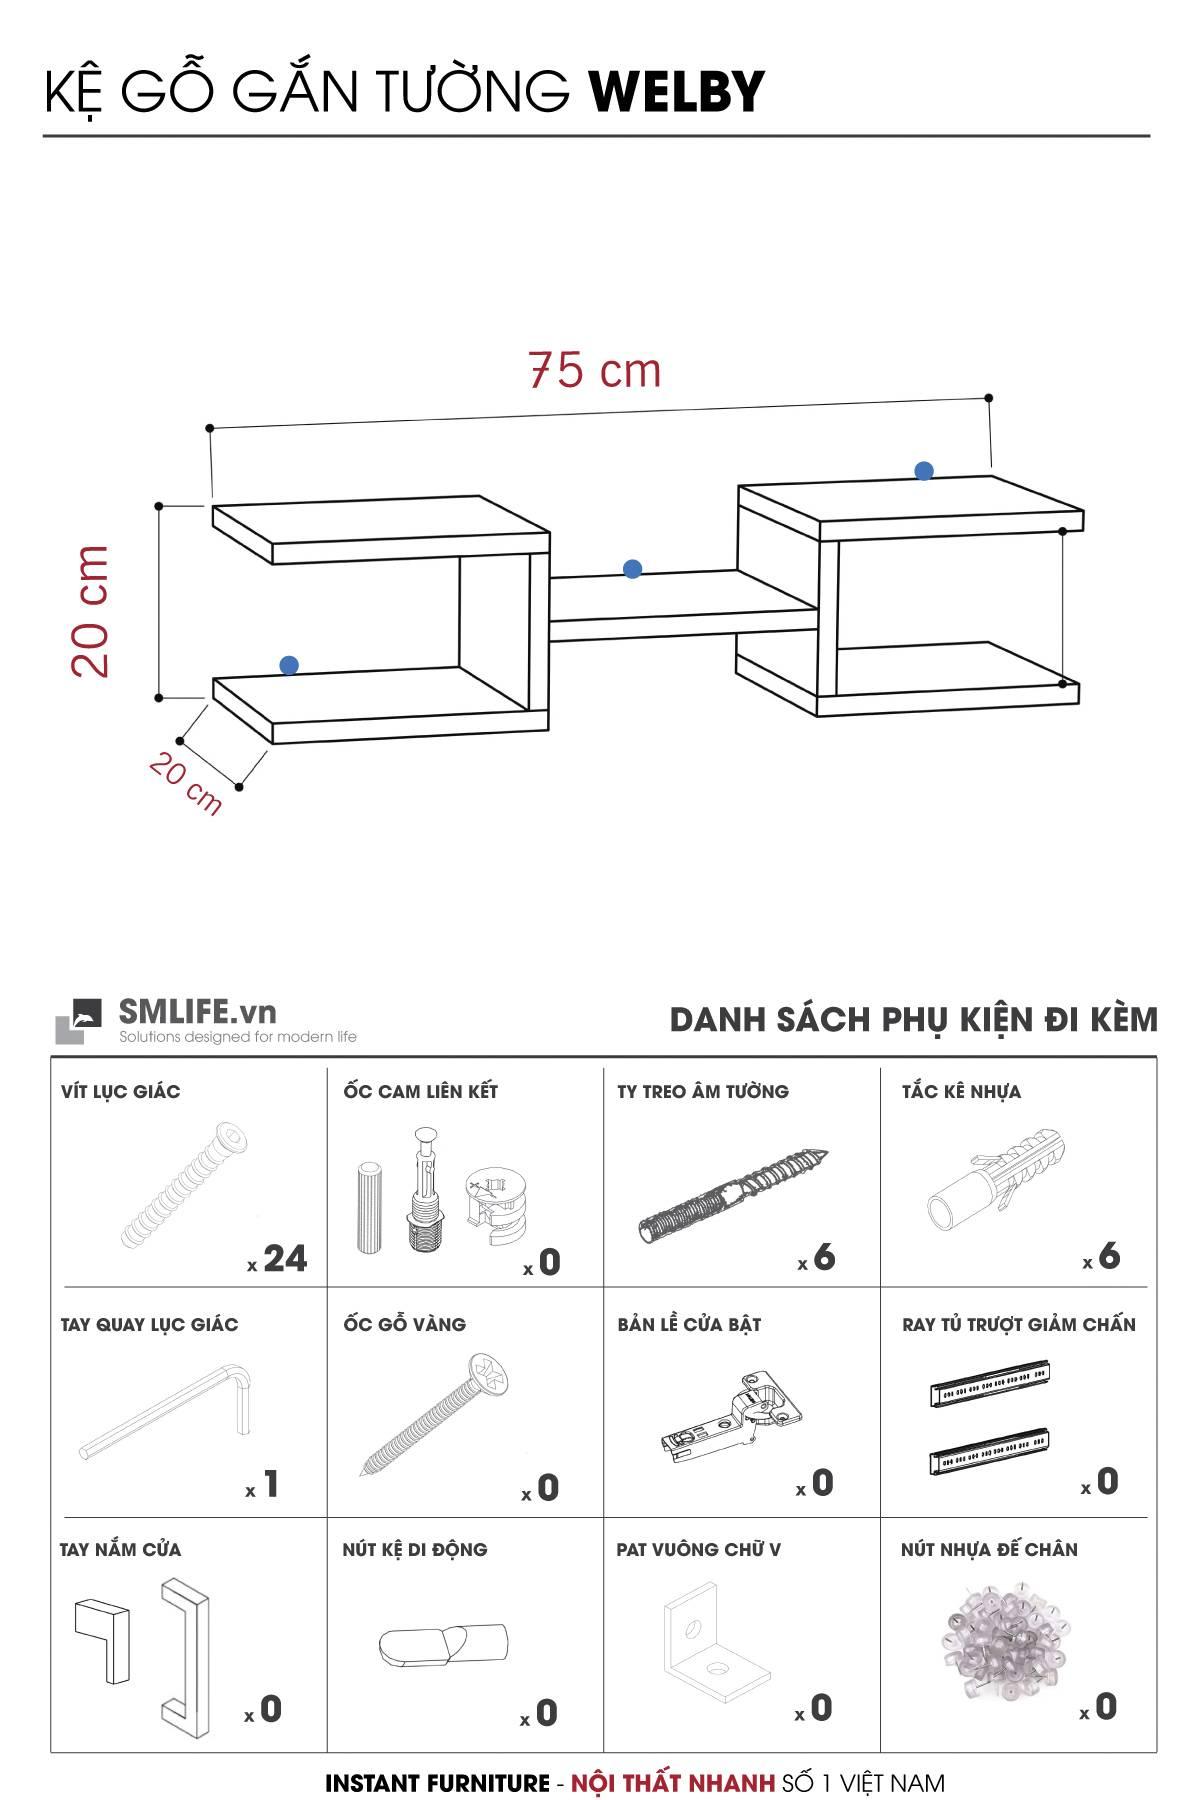 Thông số SP - Kệ gỗ gắn tường trang trí hiện đại Welby (12)